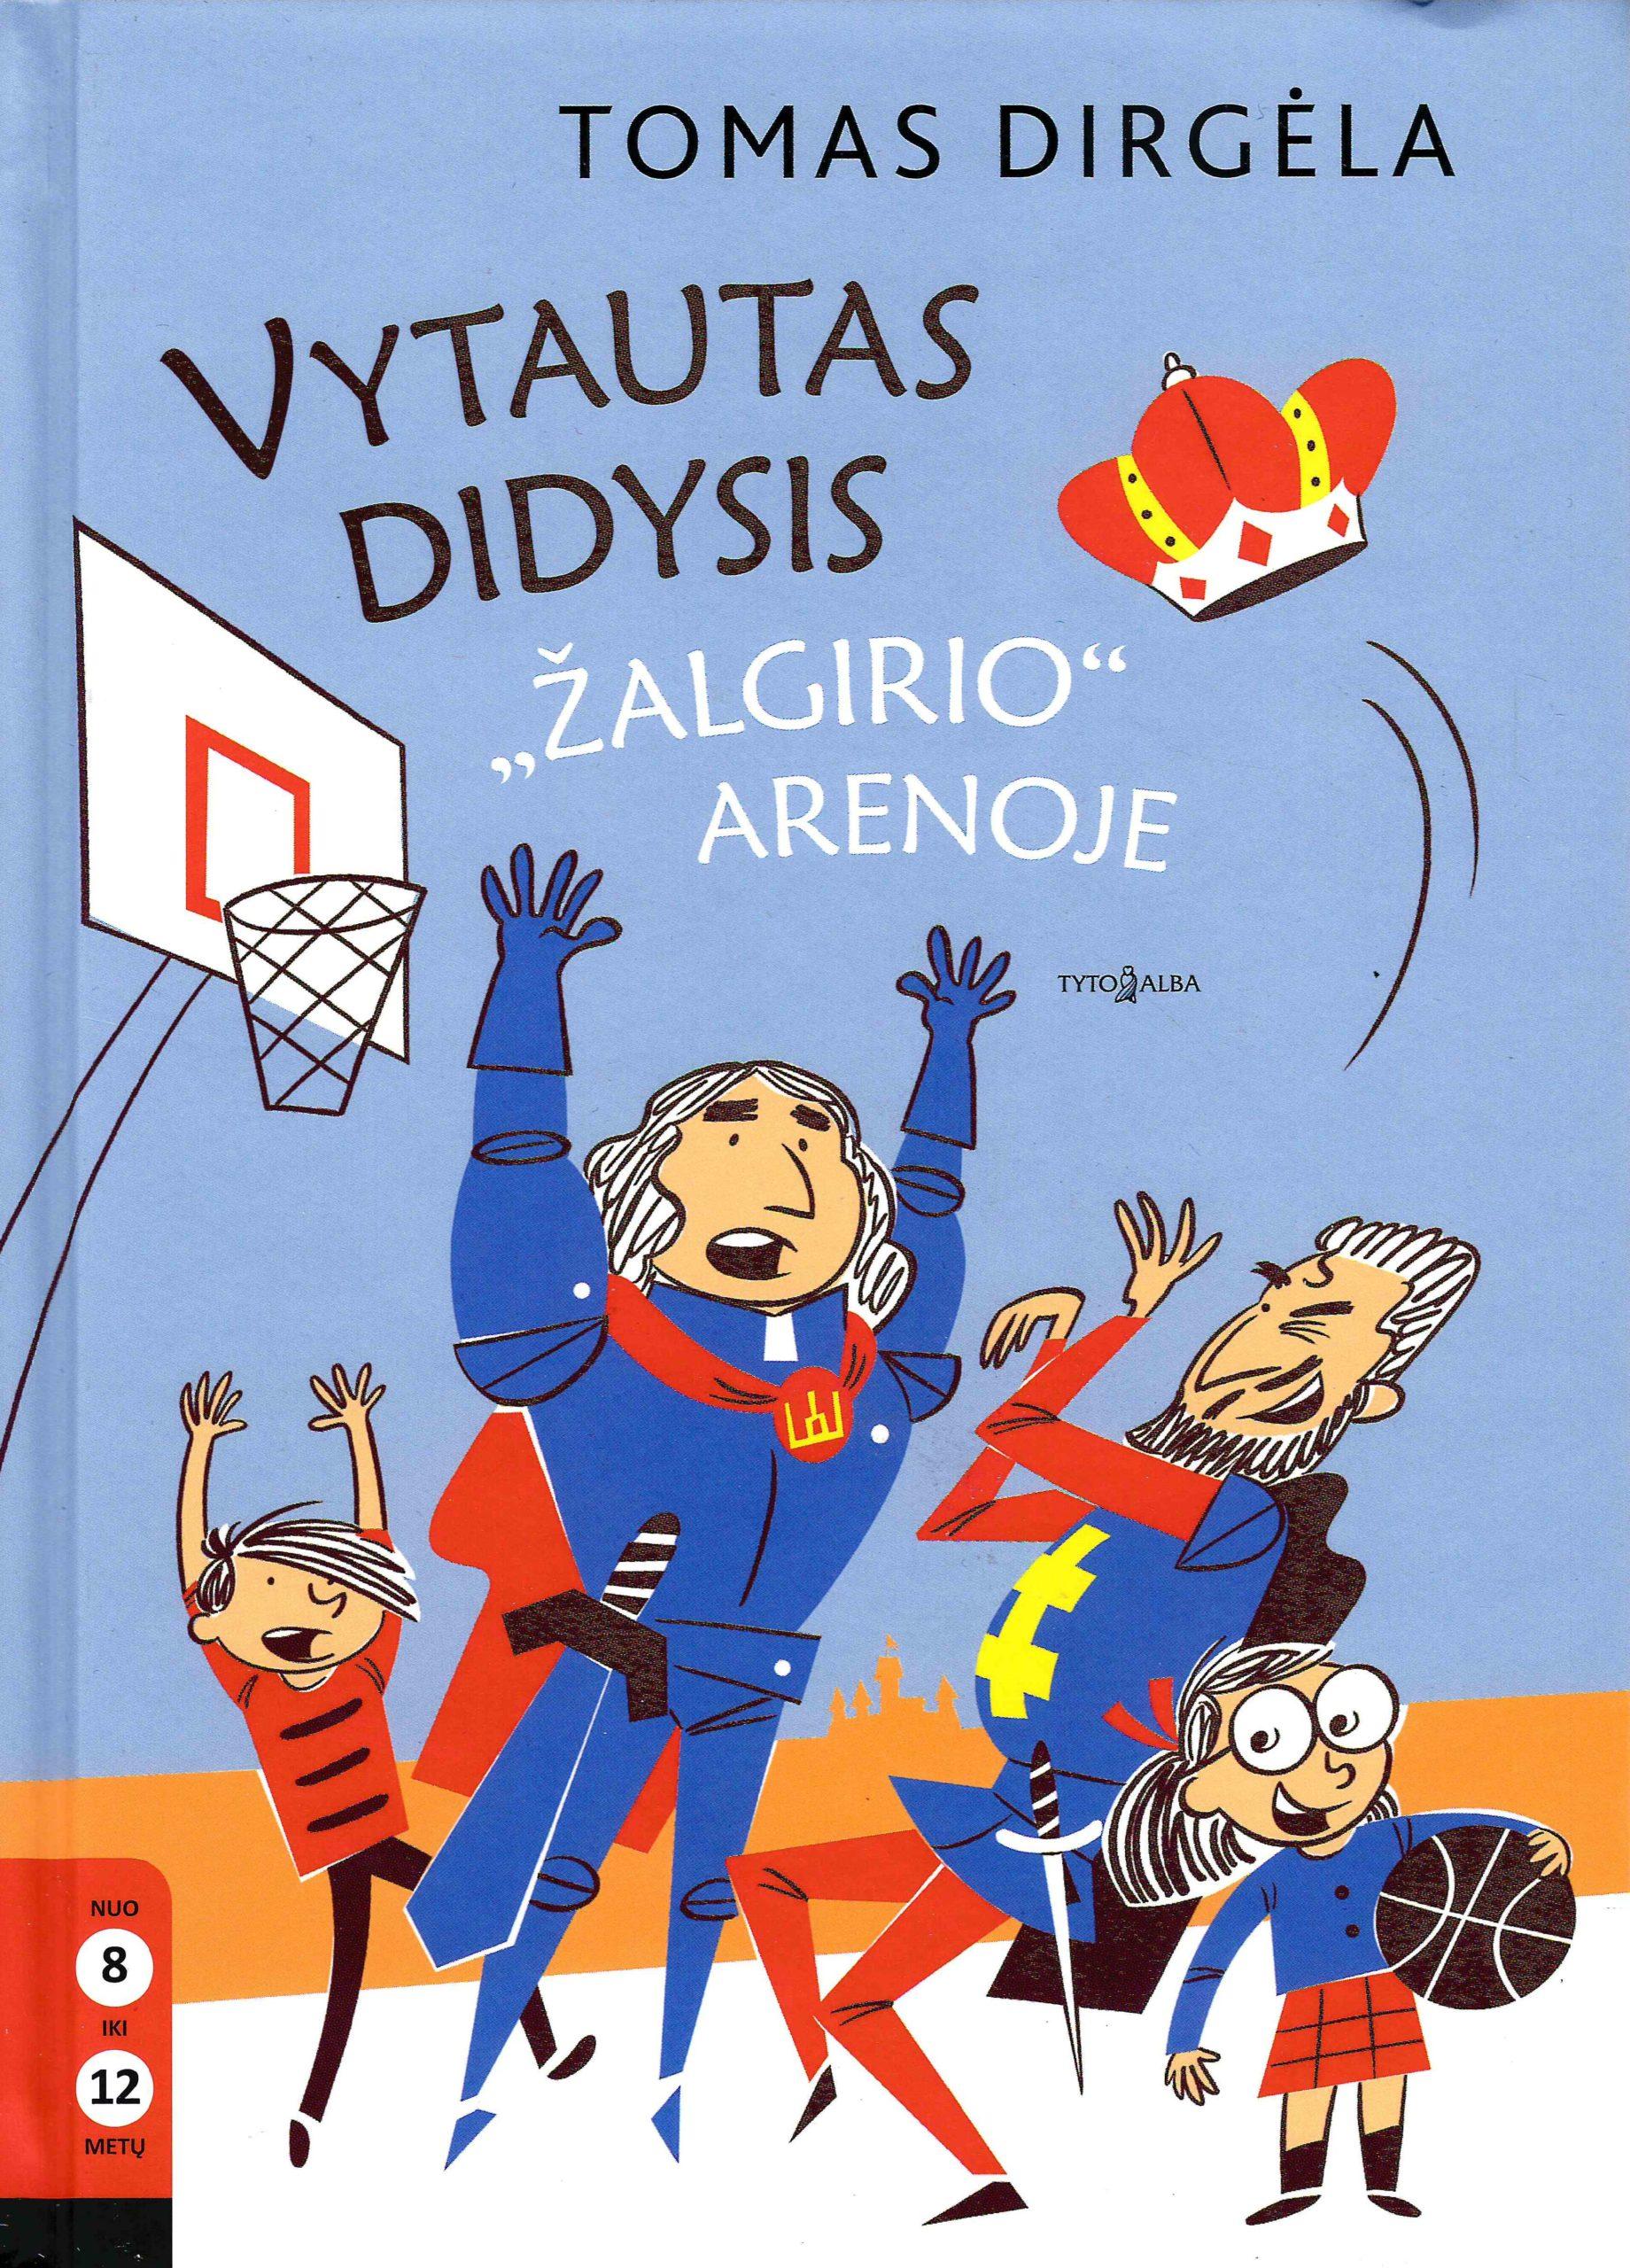 """Vytautas Didysis """"Žalgirio arenoje"""""""